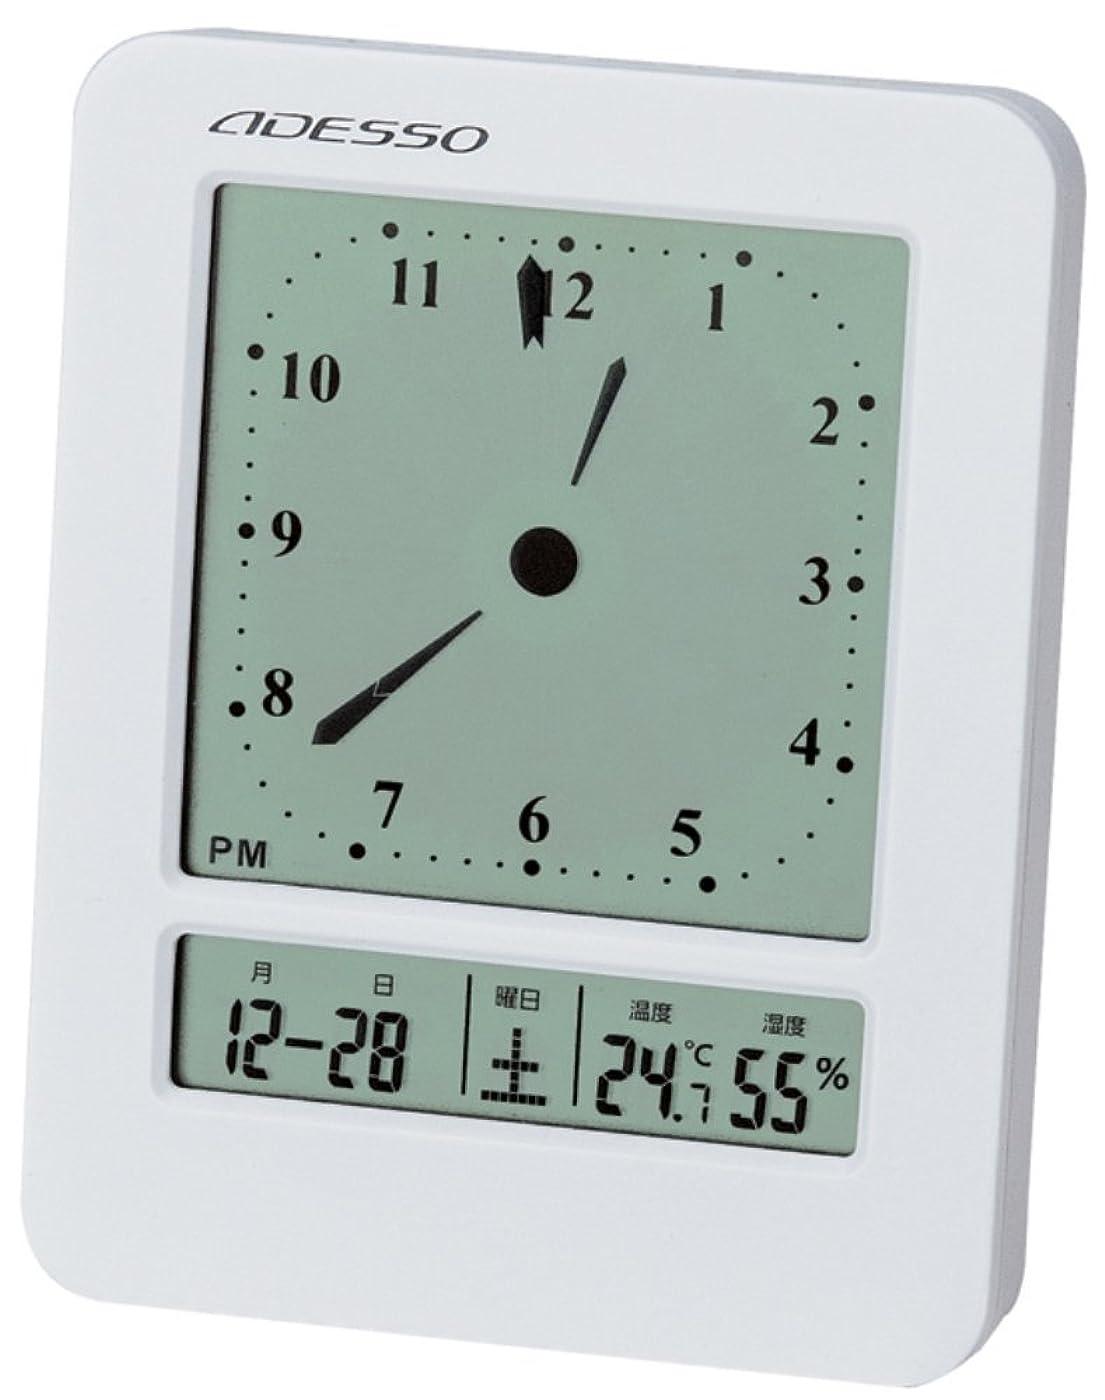 裁定バナー内部ADESSO(アデッソ) 目覚まし時計 電波 デジタル 温度 湿度 日付表示 ホワイト KW9270